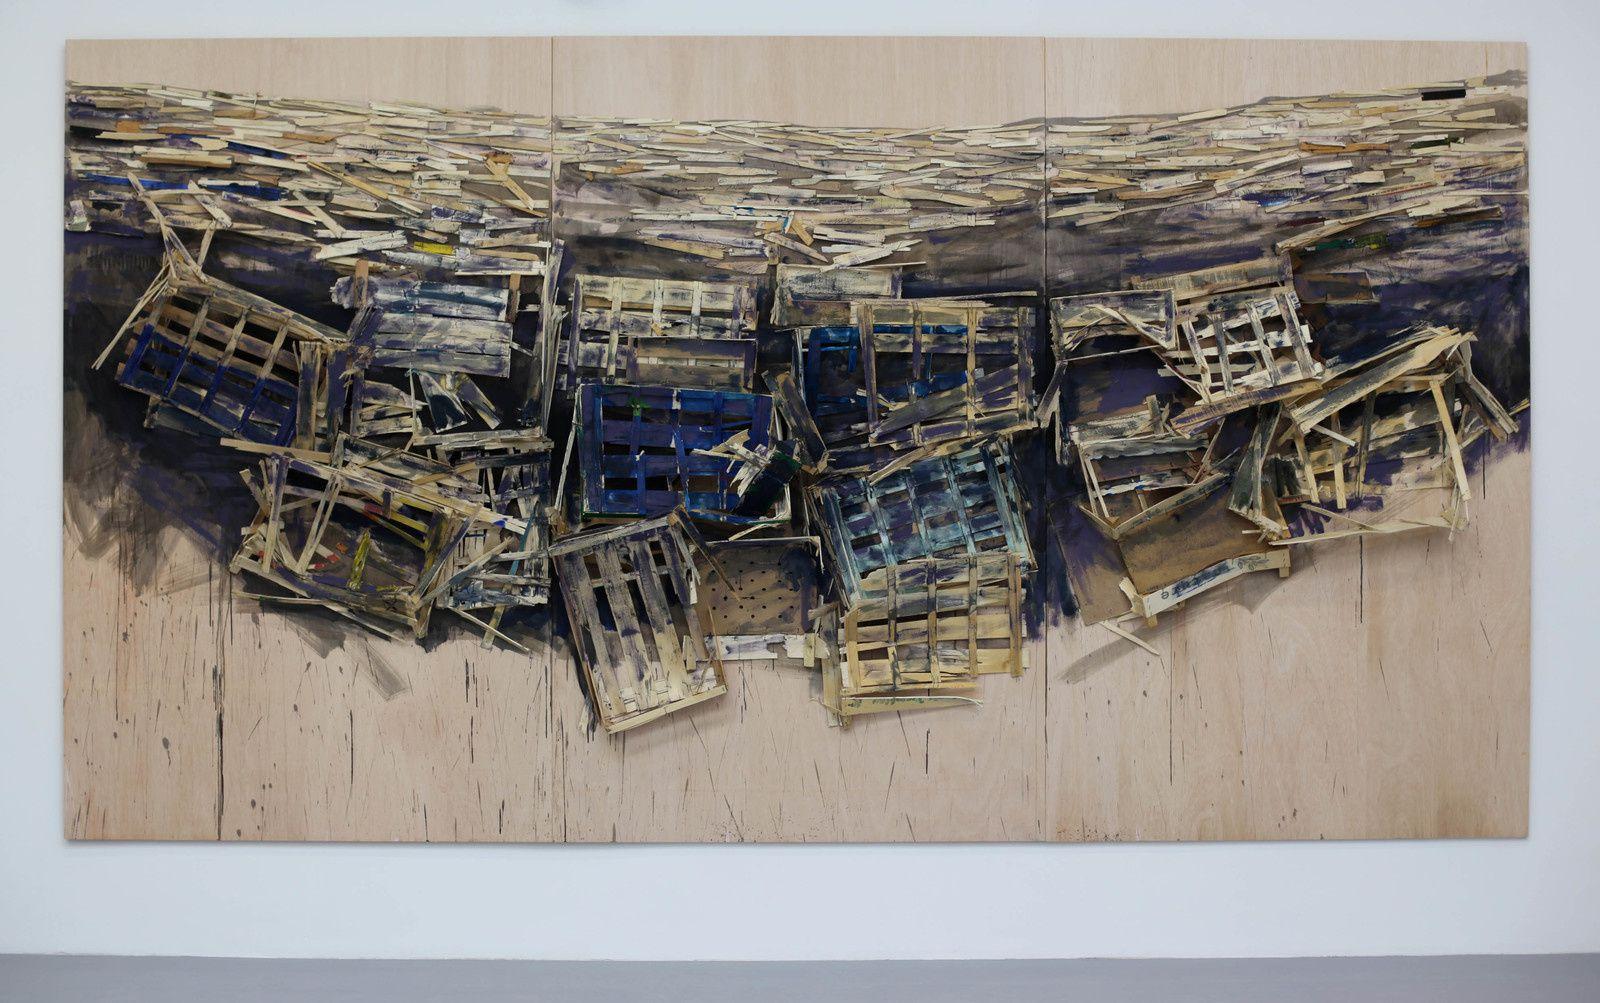 """""""Destruction """", 2019 de Tadashi KAWAMATA - Courtesy de l'artiste et la galerie Kamel Mennour © Photo Éric Simon"""